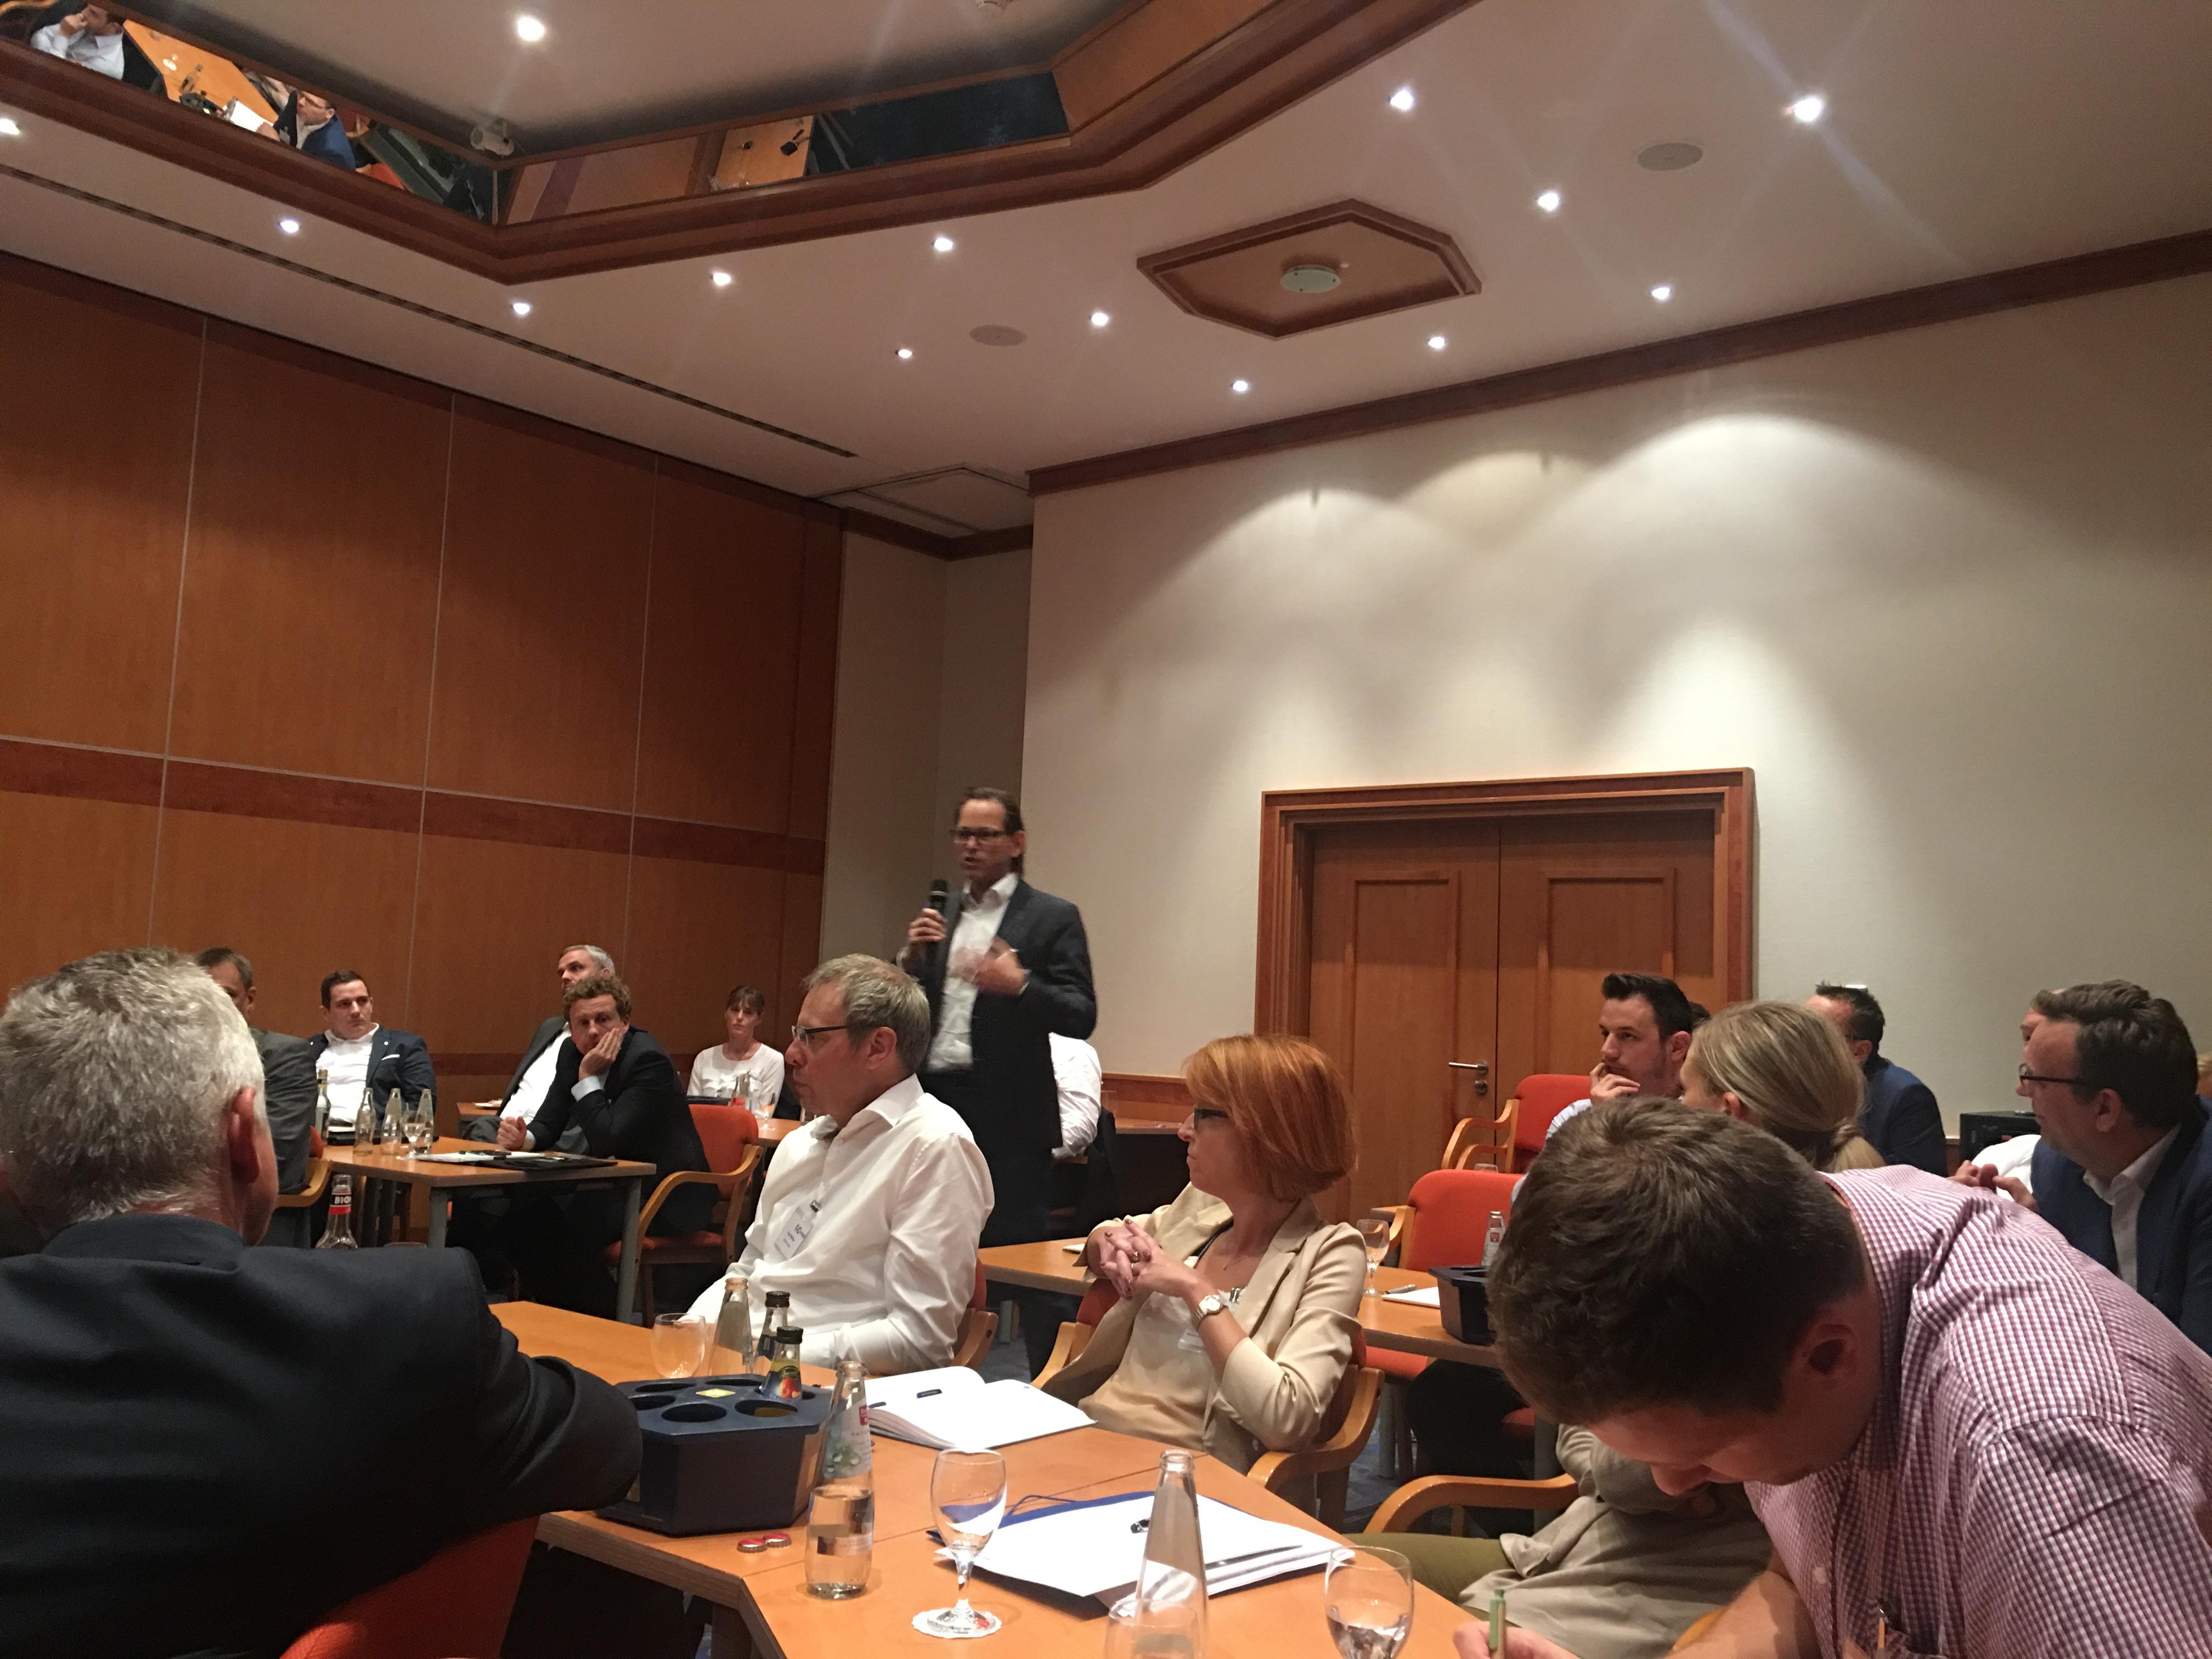 Stimmen aus dem Fachhandel legen nahe, welche Vorteile digitale Planungs- und Vertriebstools für die Co-med haben